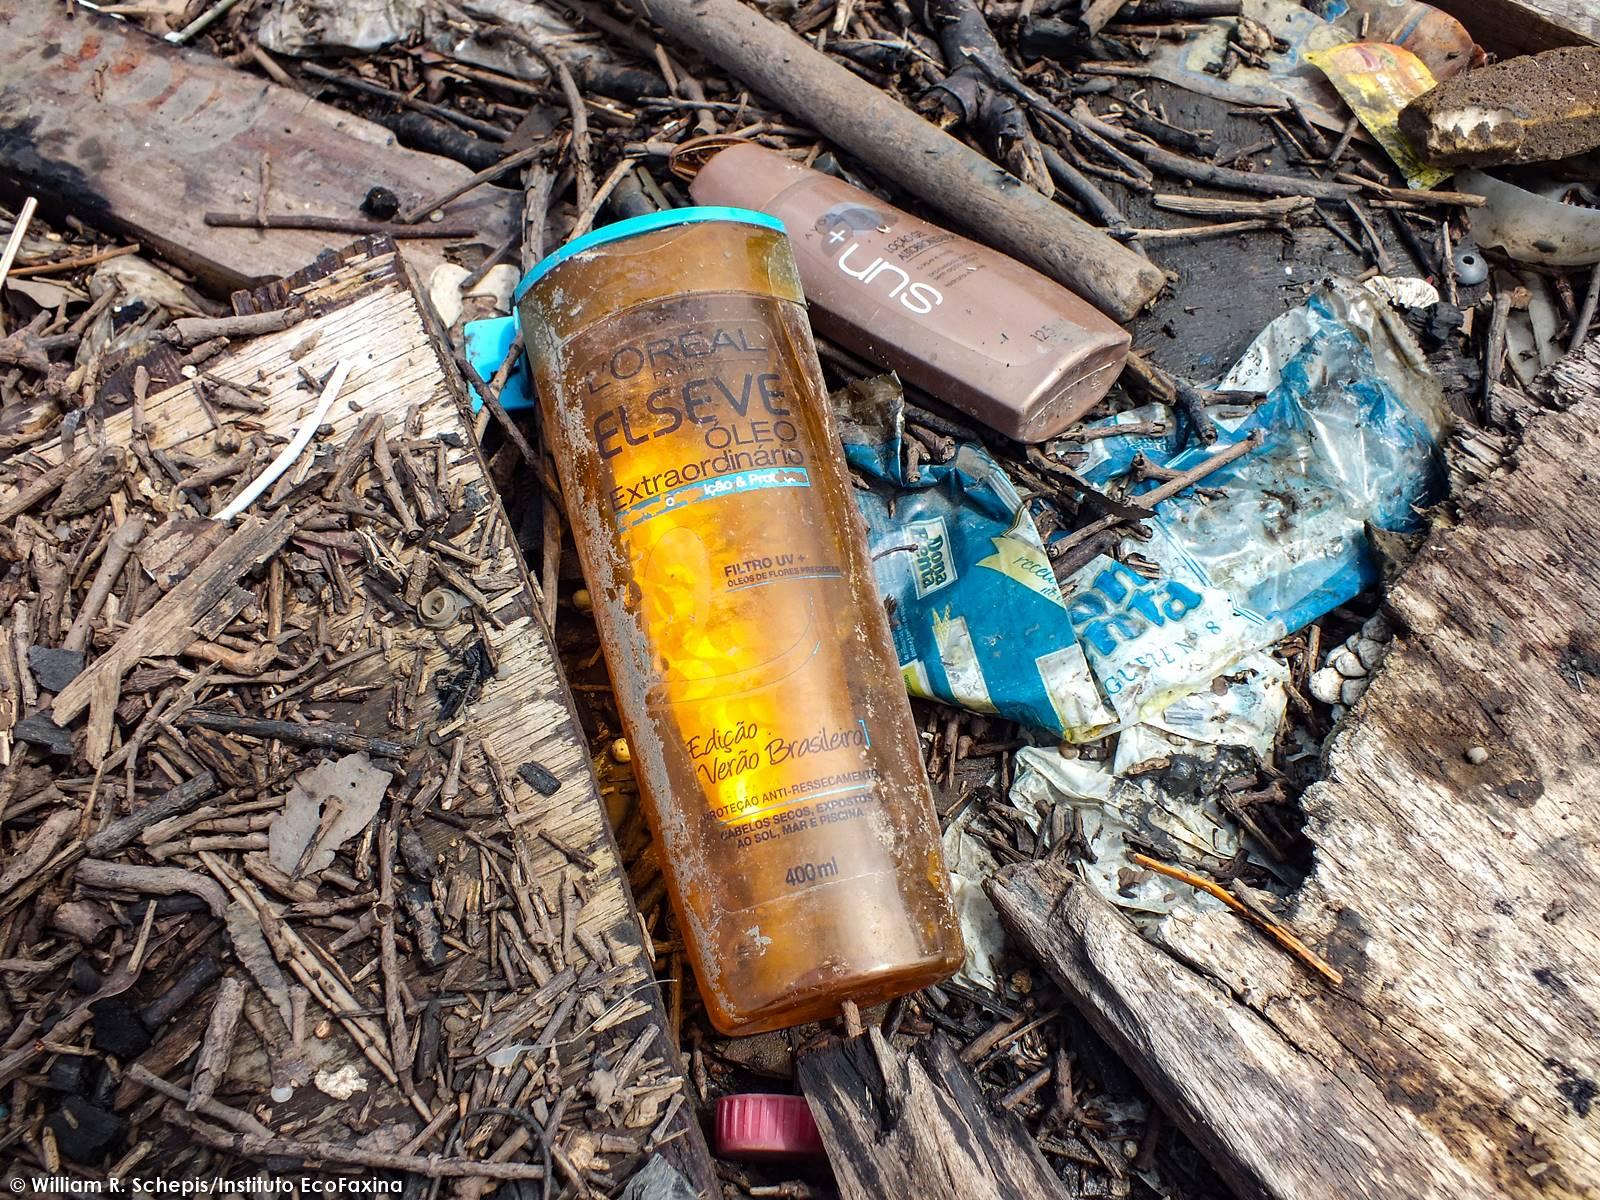 No manguezal, a biodiversidade vem sendo substituída pelo plástico. Inúmeras empresas tem suas marcas em embalagens de produtos poluindo ecossistemas costeiros e marinhos da região.